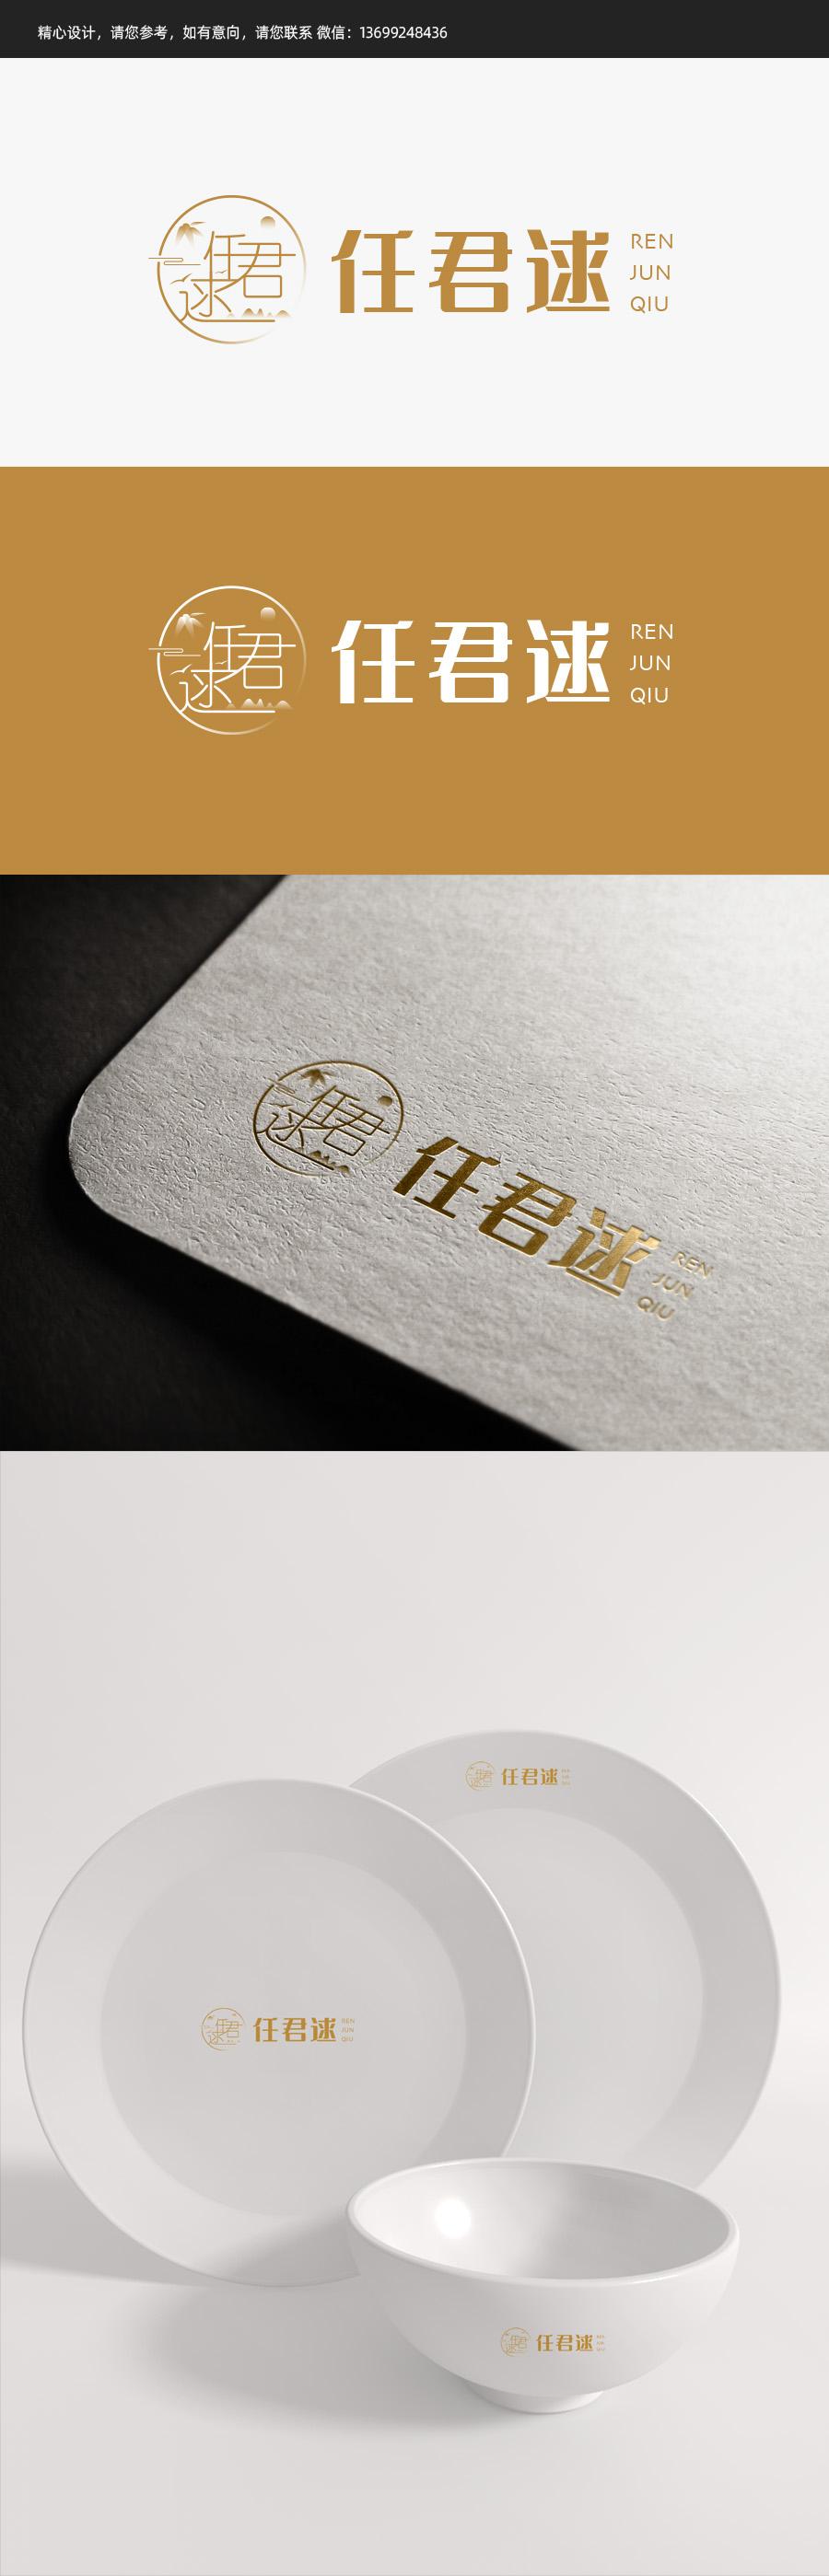 家居用品logo设计_3037985_k68威客网